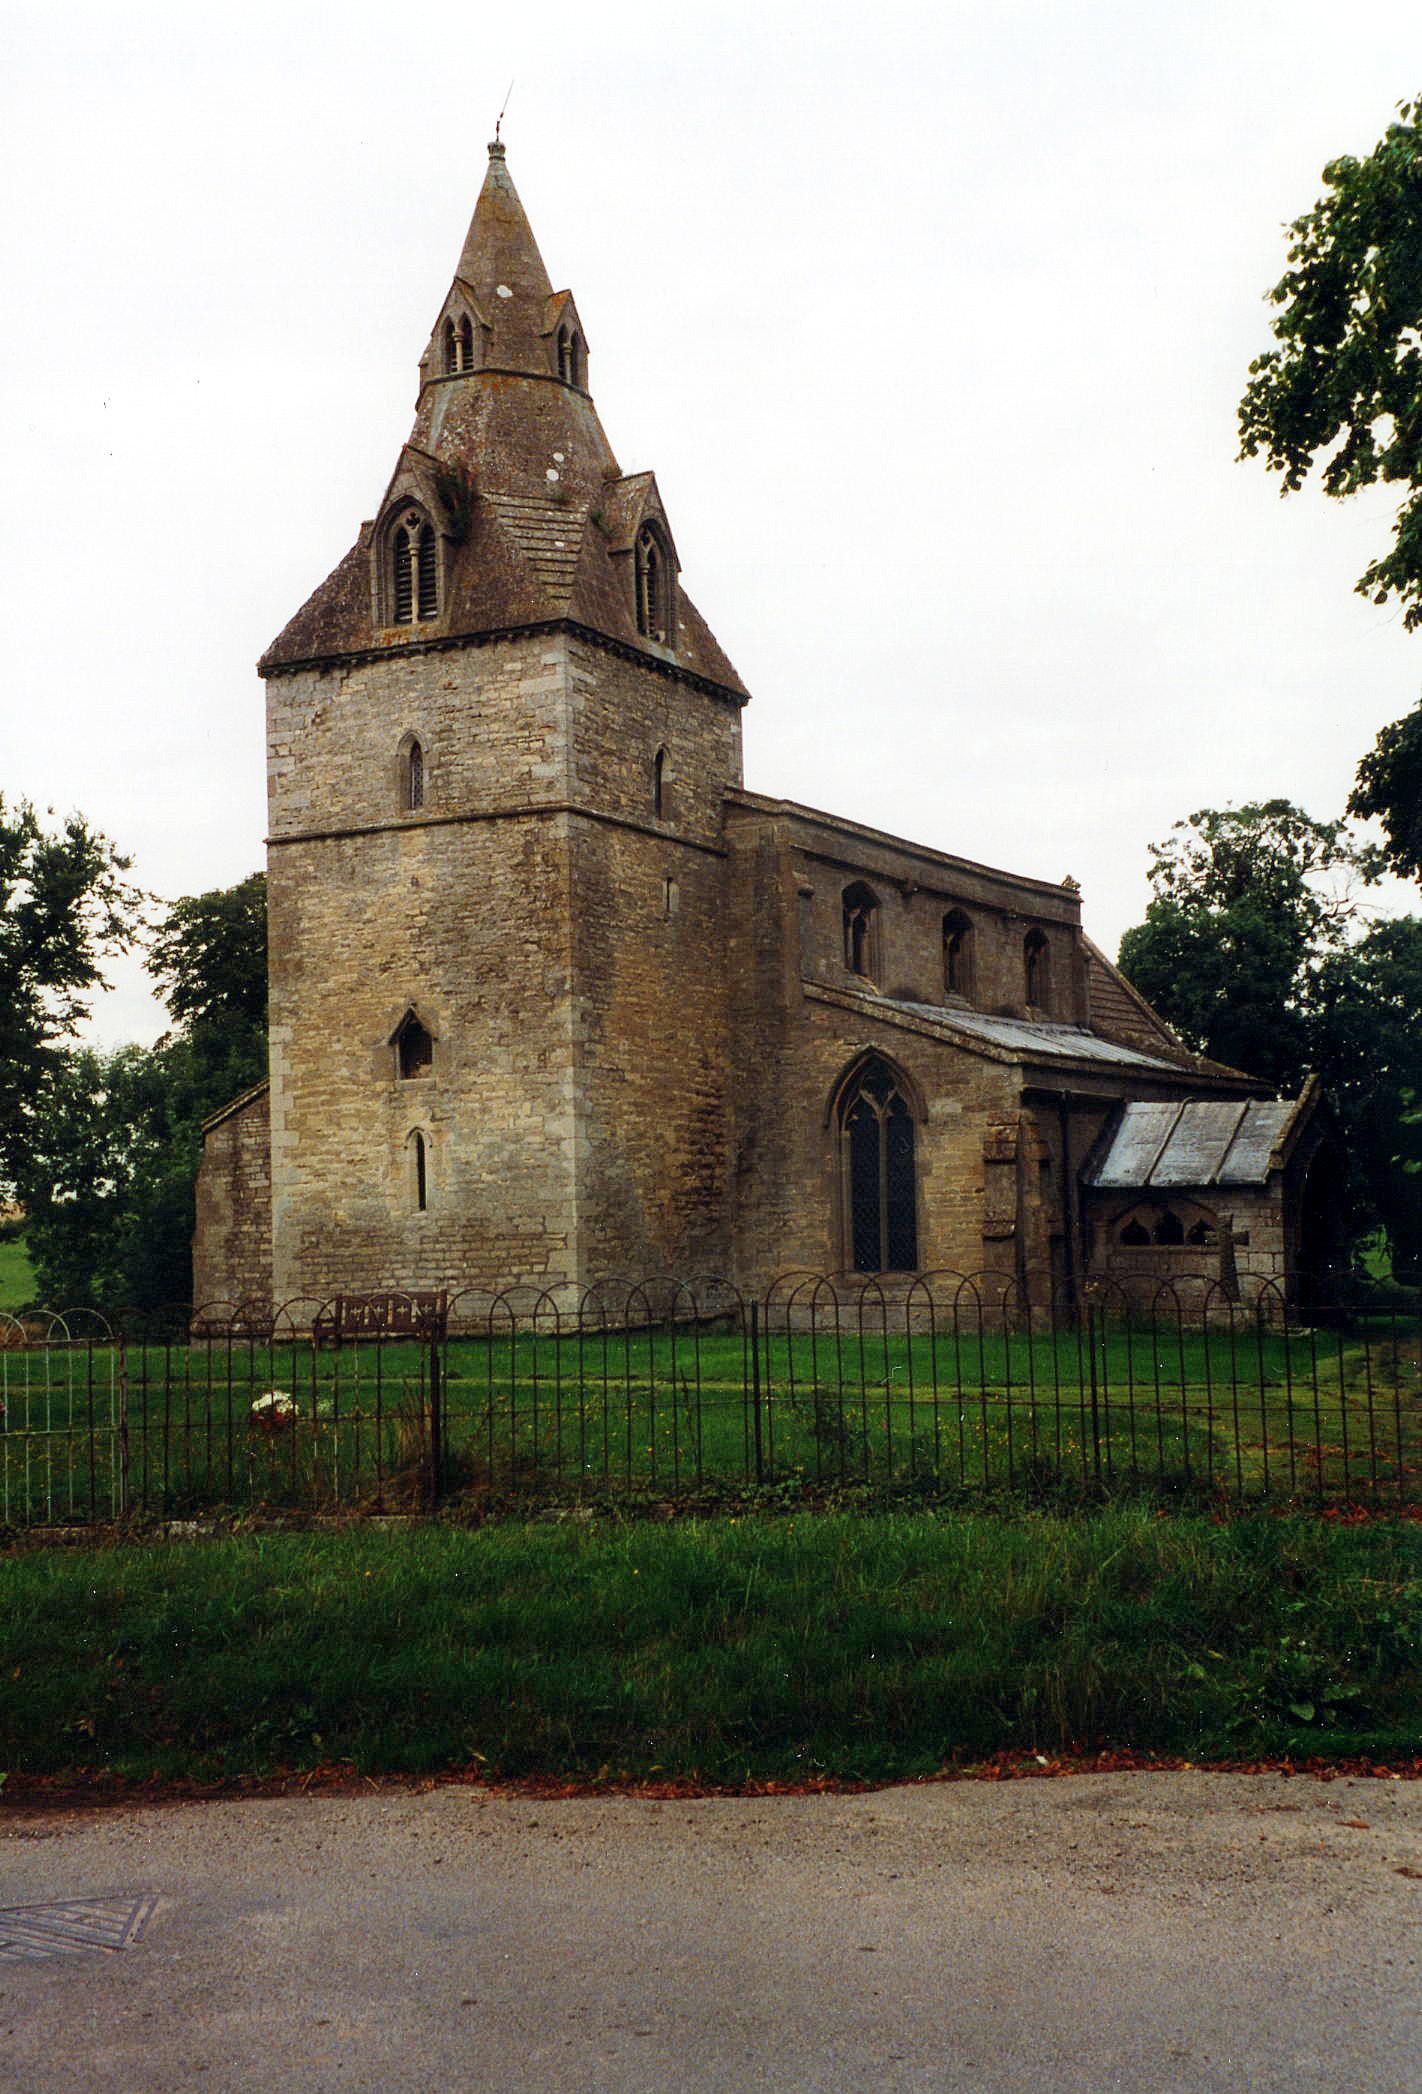 Burton Coggles St. Thomas parish church